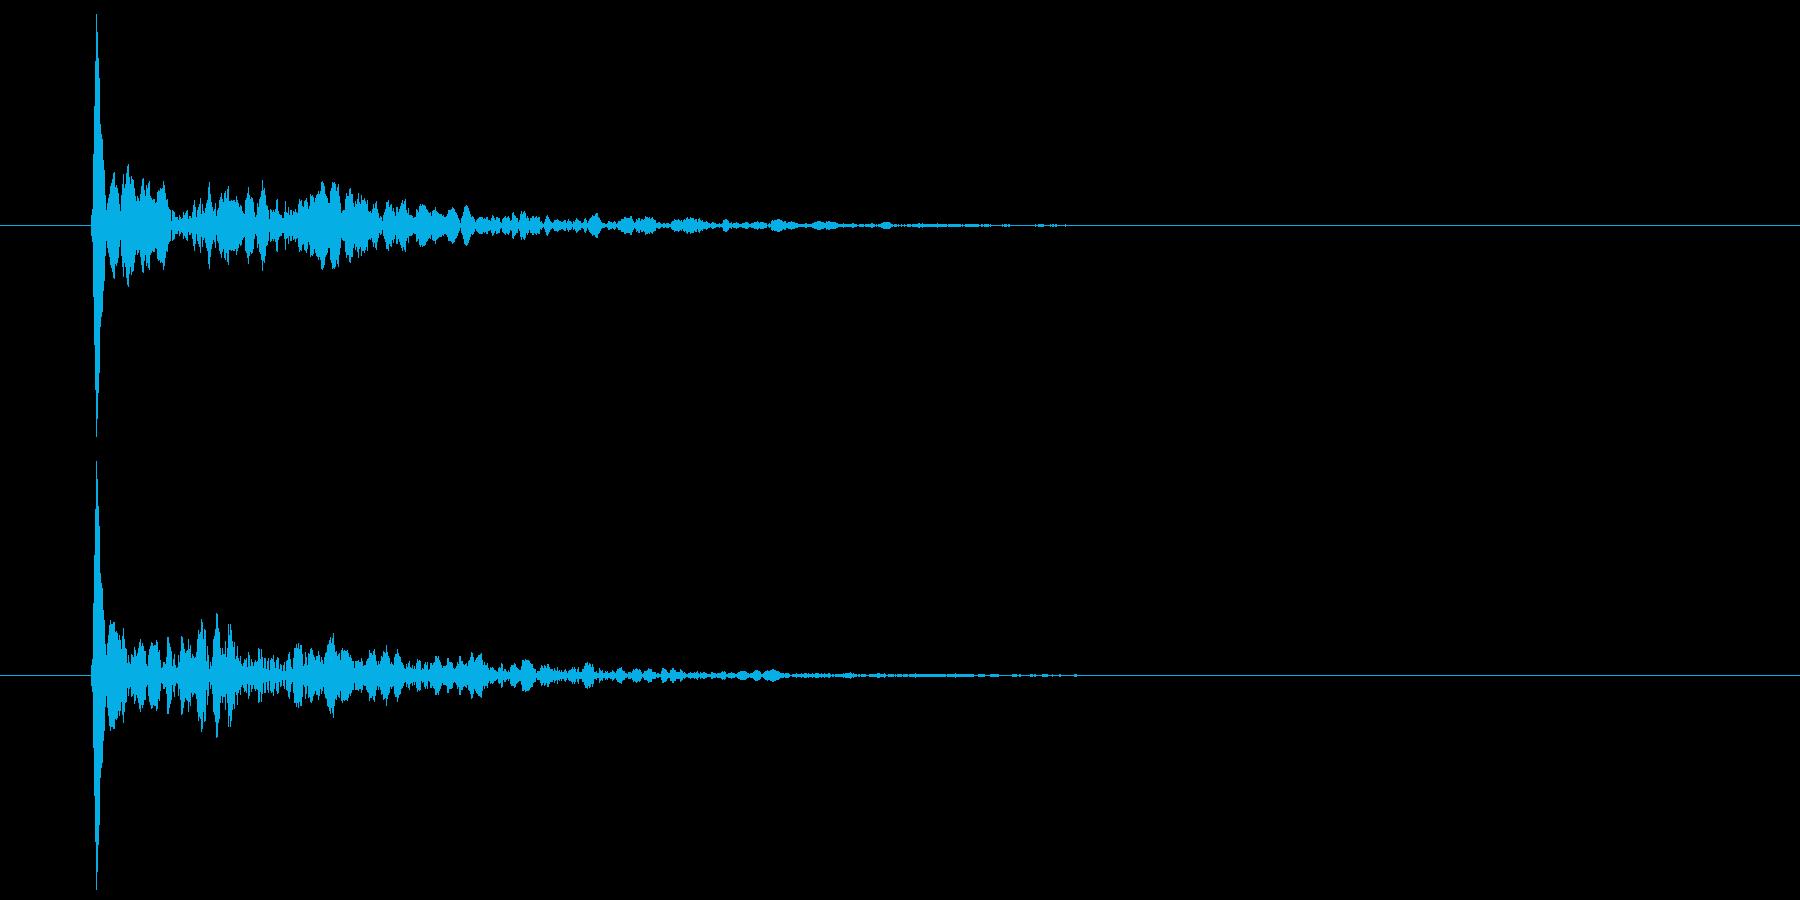 和風 小鼓乙(つづみ・おつ) ポンの再生済みの波形